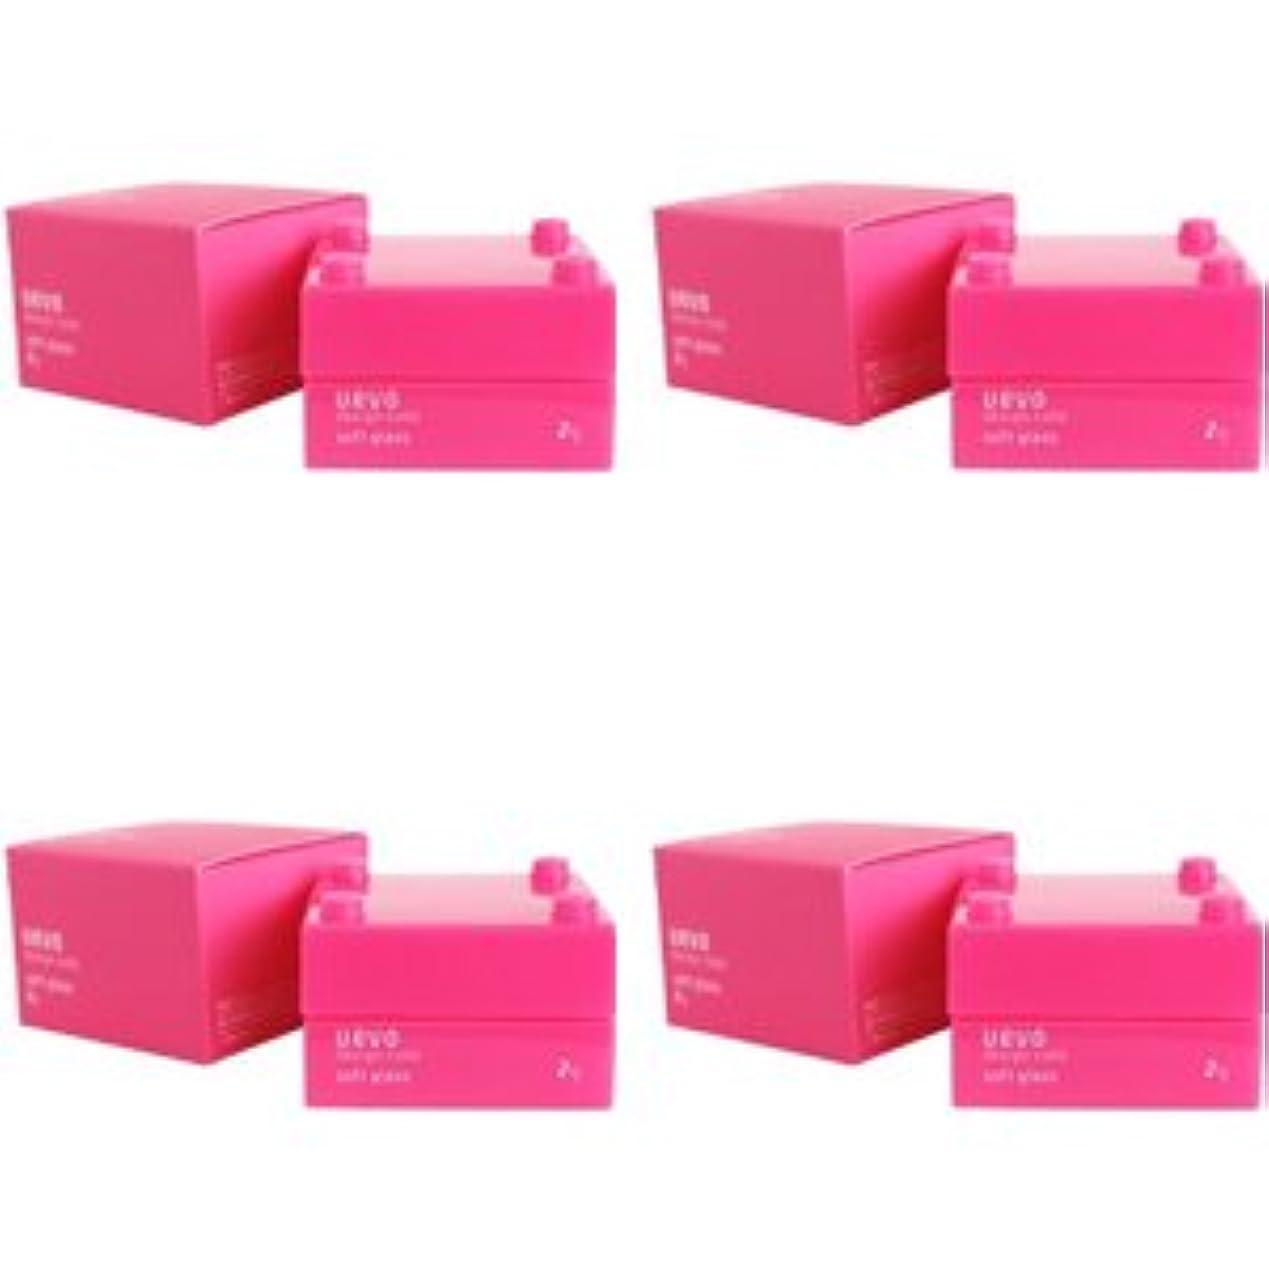 縫う風景競う【X4個セット】 デミ ウェーボ デザインキューブ ソフトグロス 30g soft gloss DEMI uevo design cube